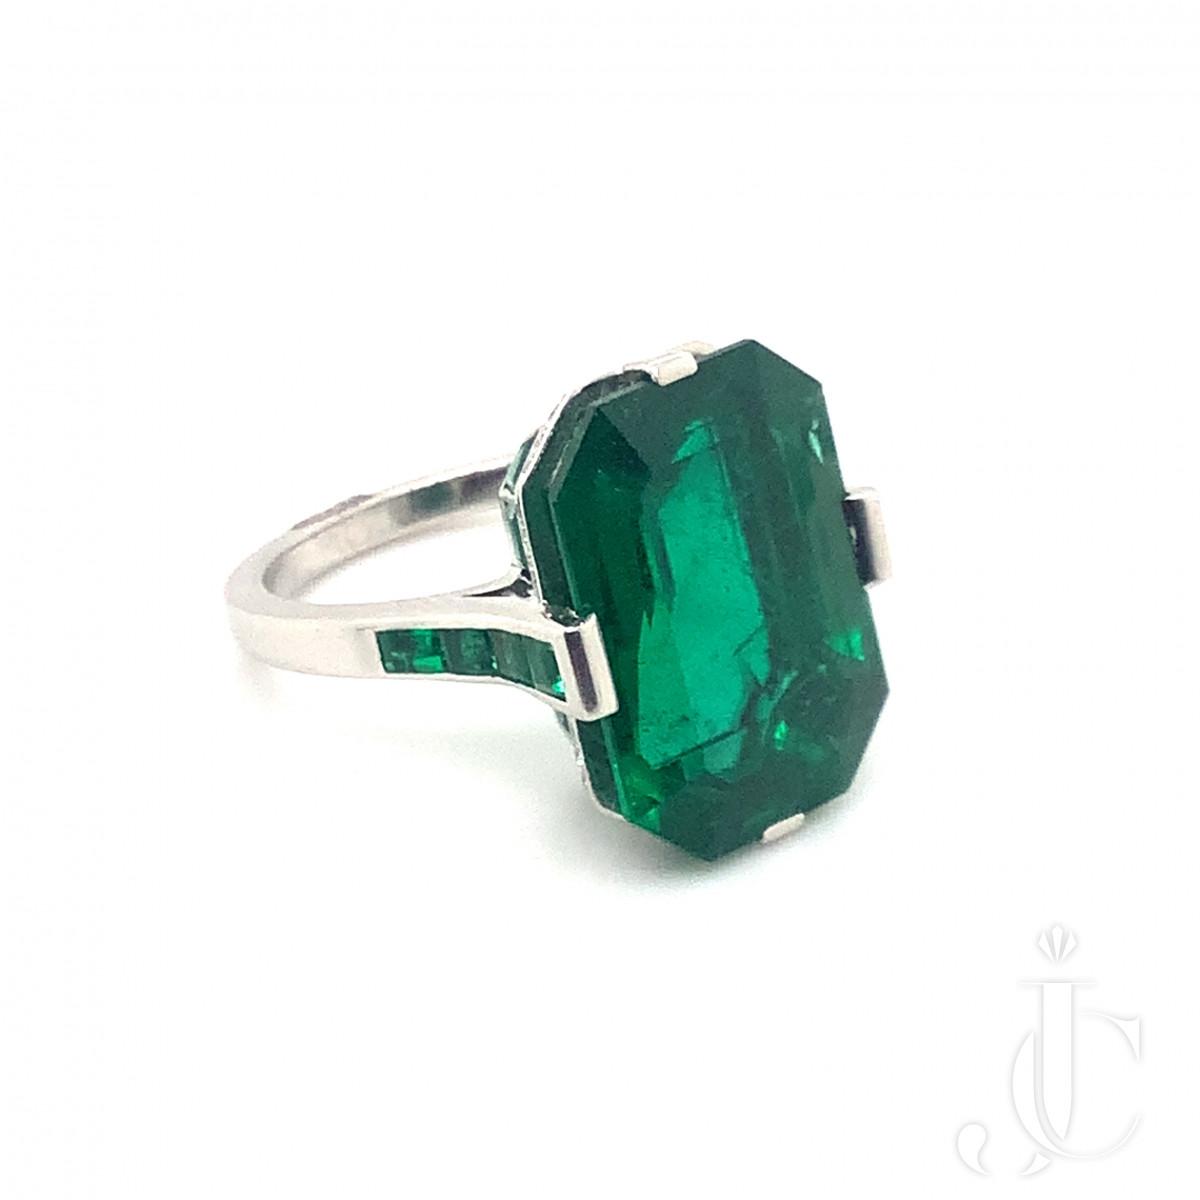 10.60ct Zambian Emerald Ring